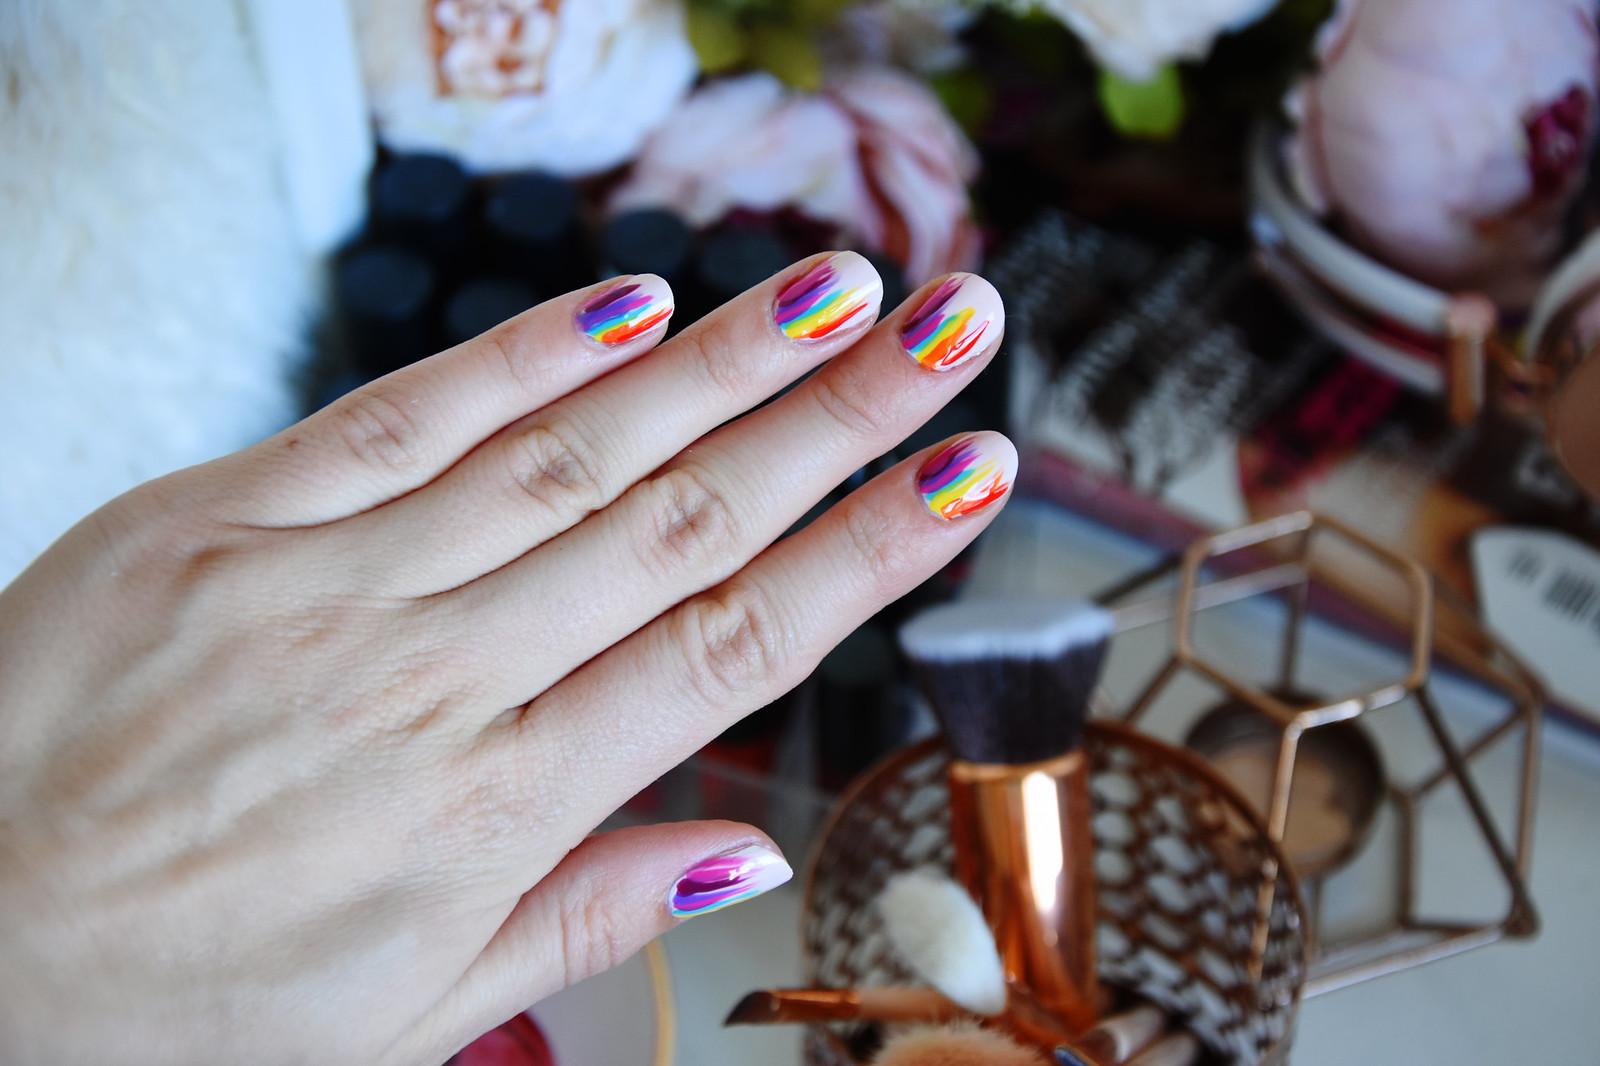 Colourful manicure ideaa